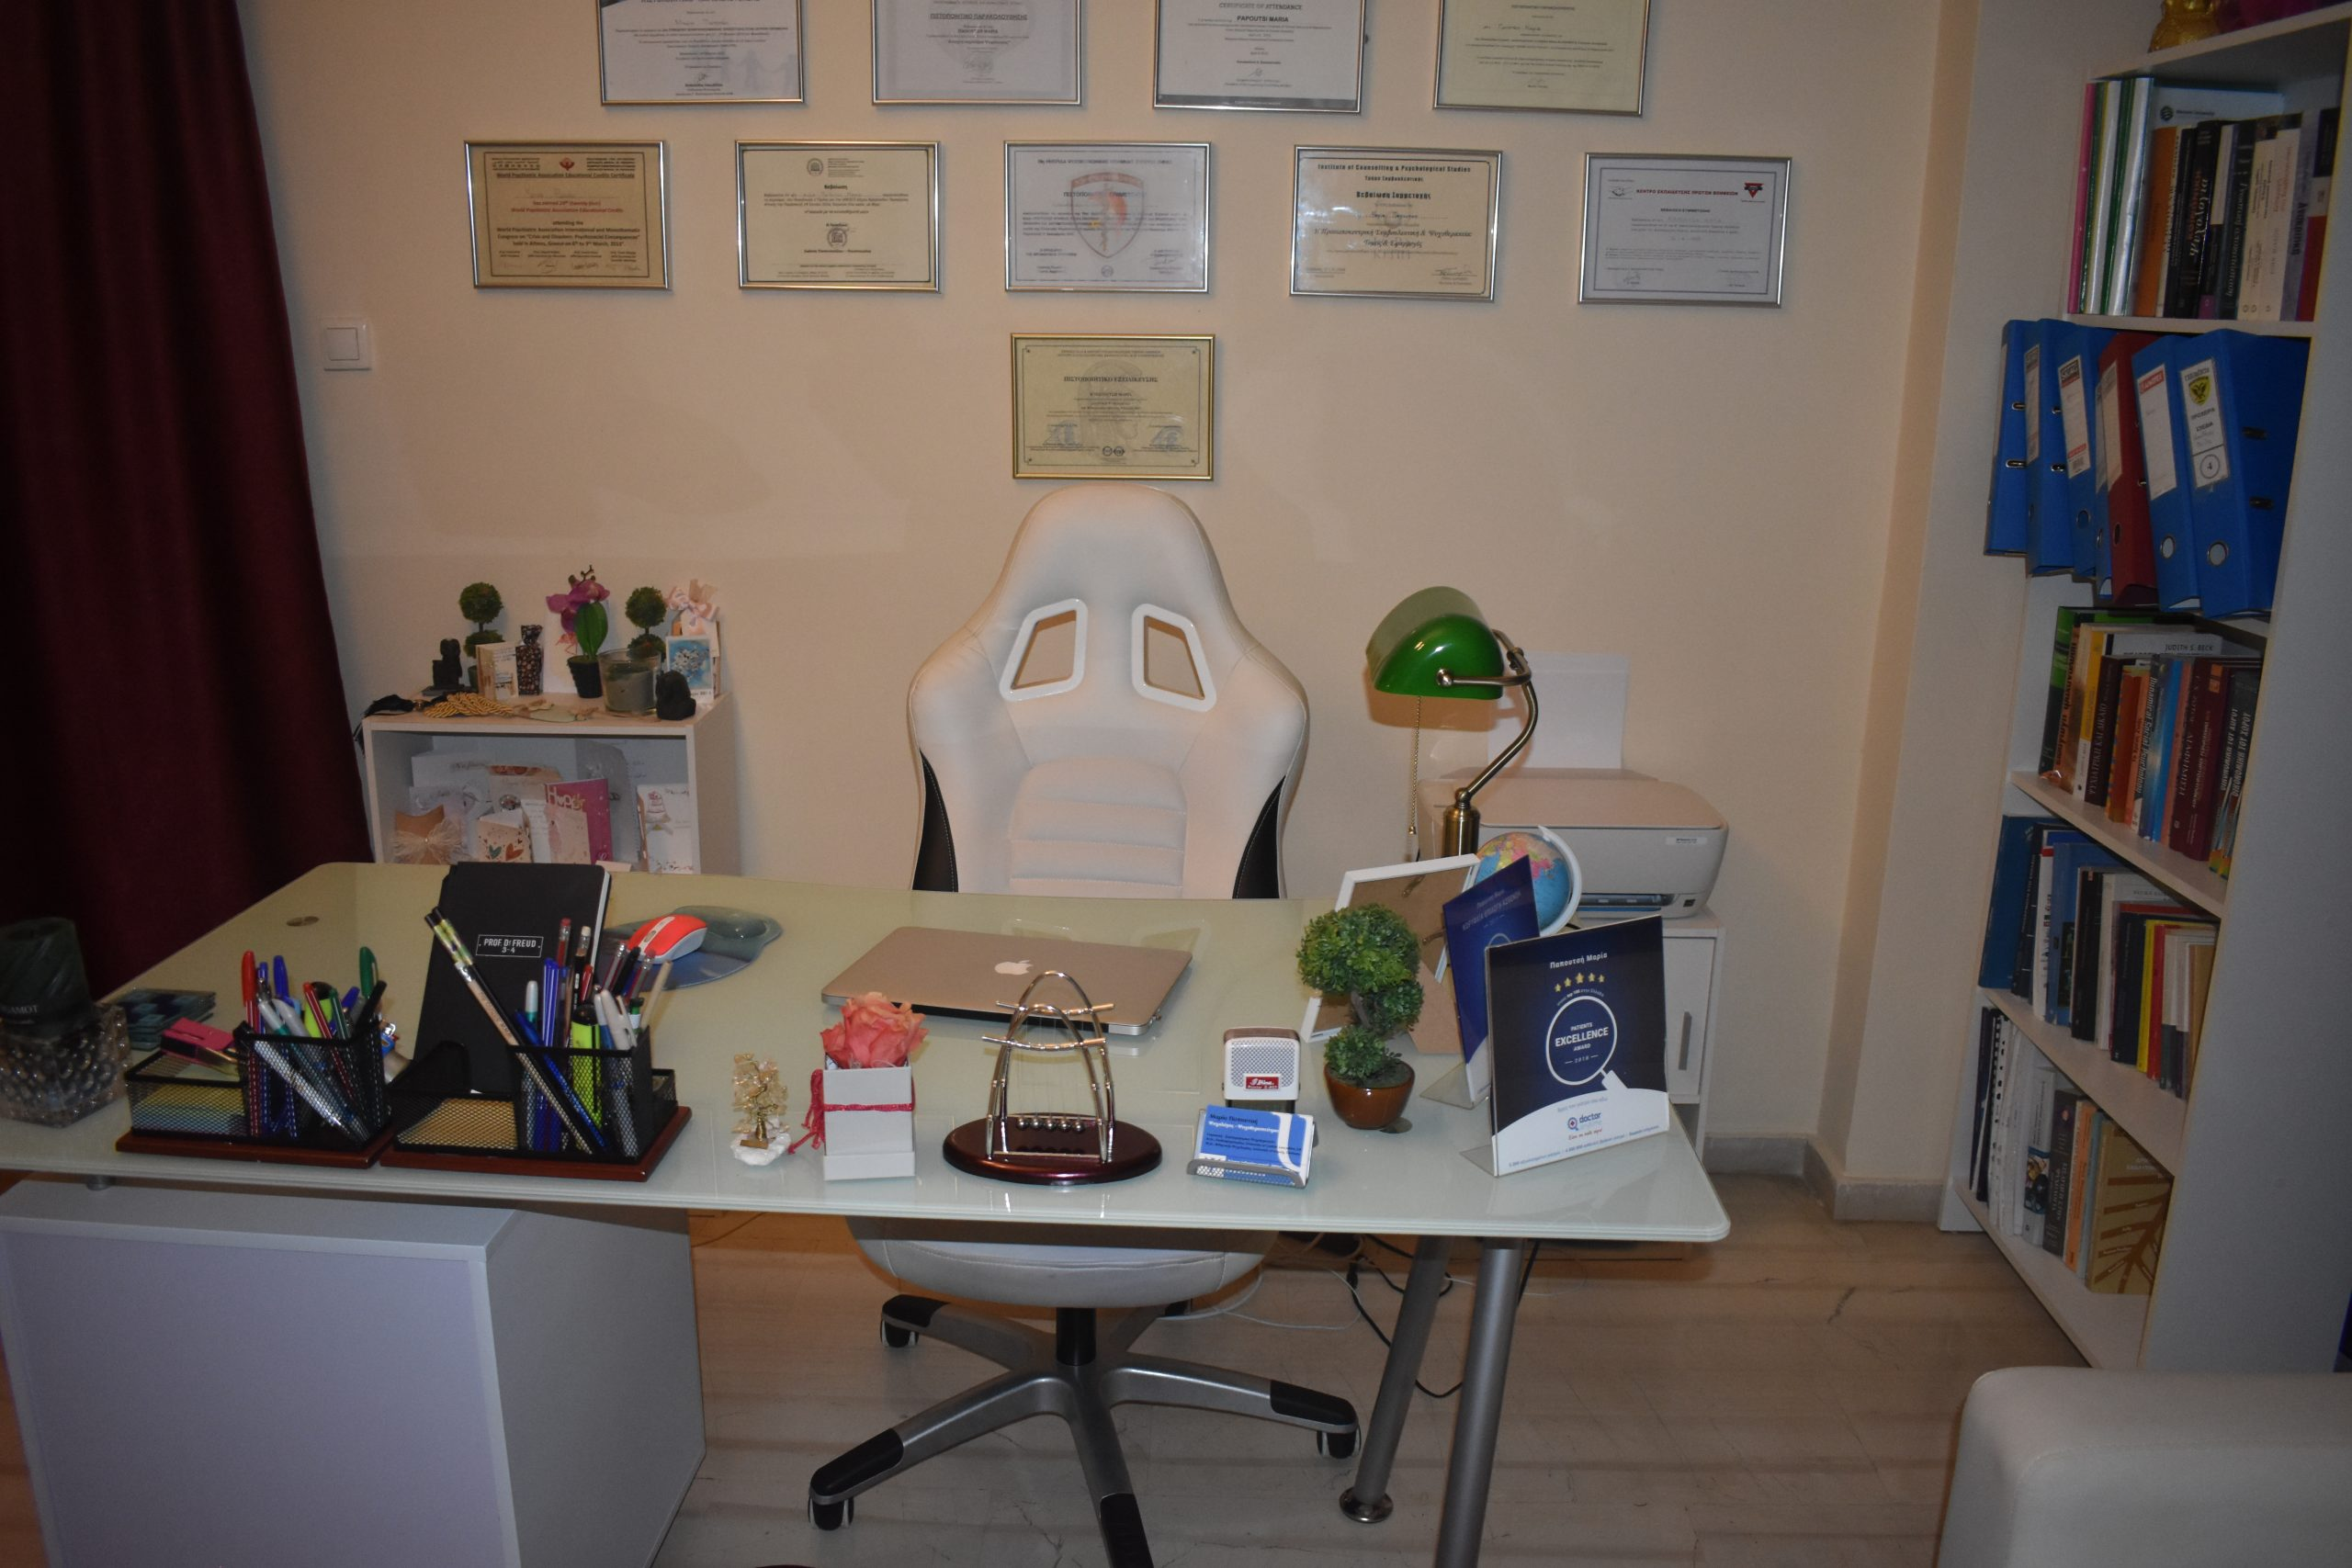 Πέμπτη φωτογραφεία γραφείου για ψυχοθεραπεία της M.Sc. Ψυχολόγου - Παιδοψυχολόγου Μαρία Παπουτσή